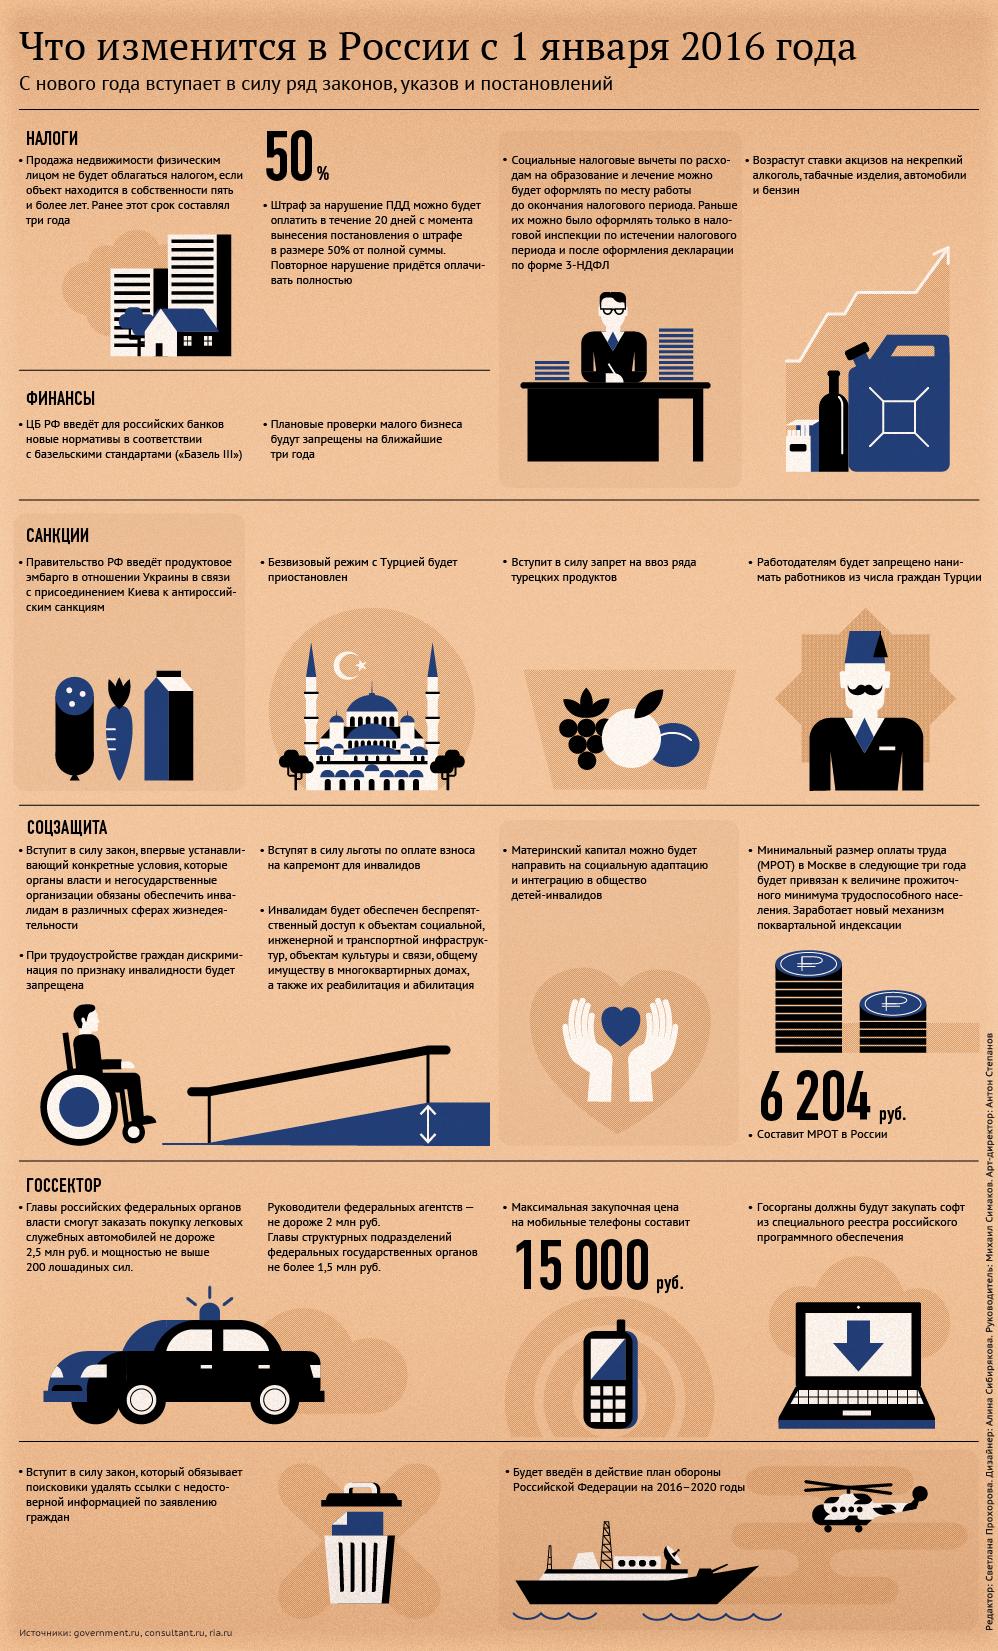 Что изменится в России с 1 января 2016 года